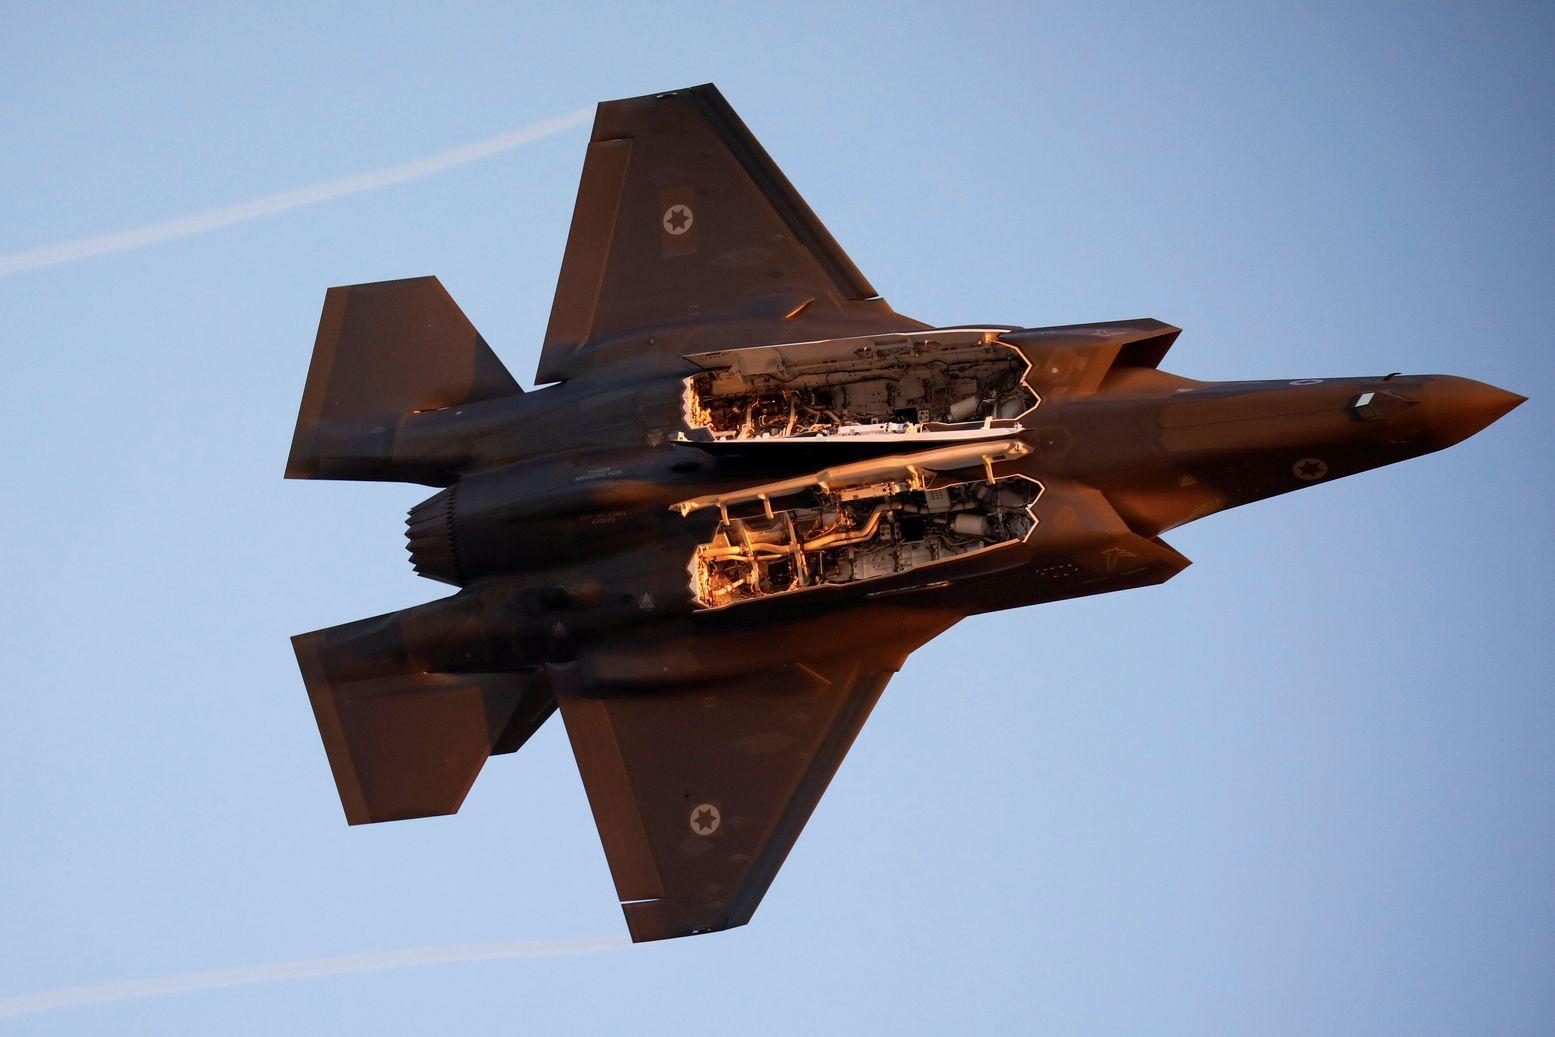 یہ واحد طیارہ ہے جو نہ صرف ایٹمی میزائل بلکہ دیگر روایتی اسلحہ بھی لے جانے کی صلاحیت رکھتا ہے۔